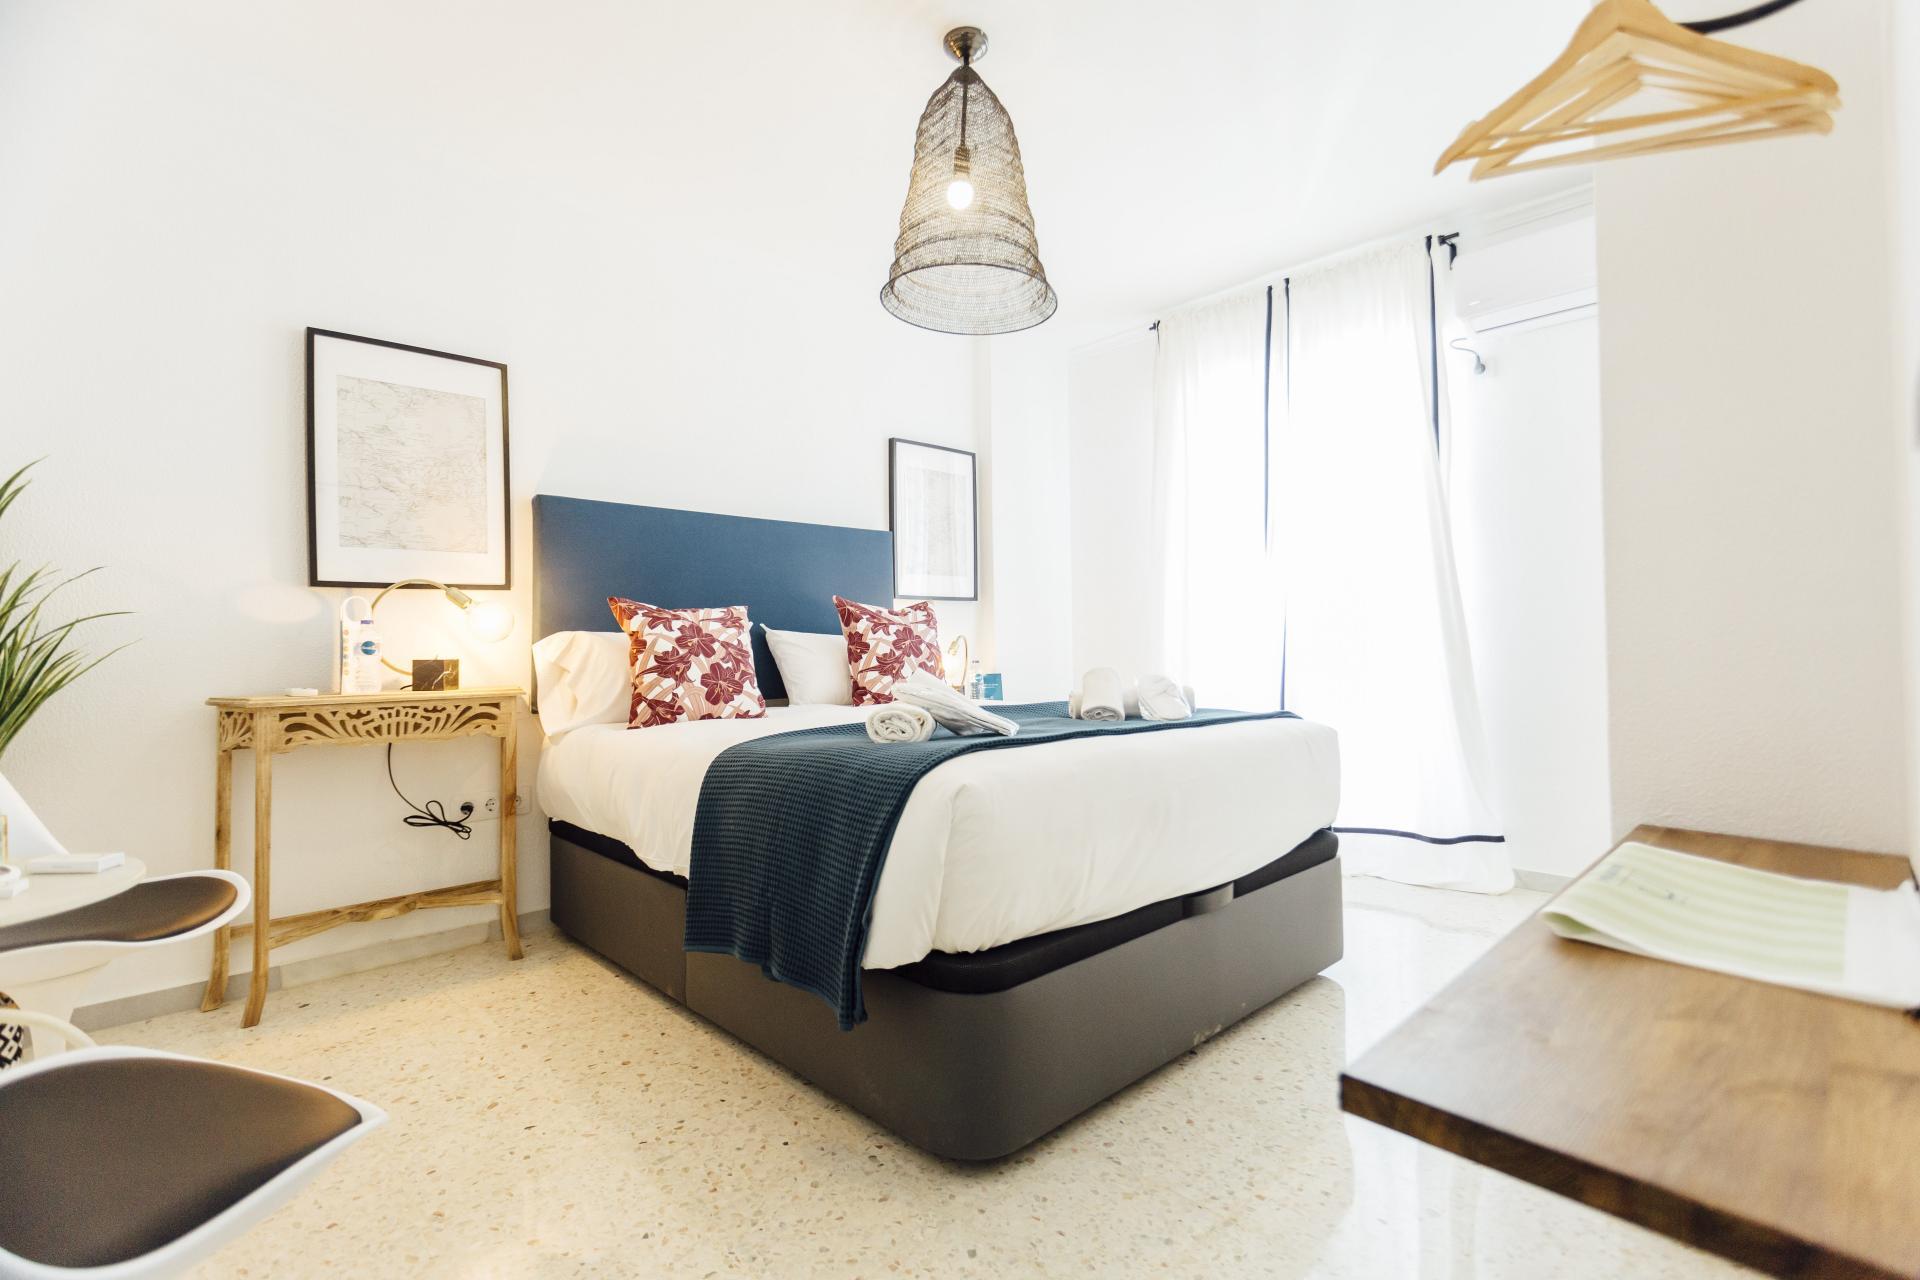 Double bed at Plaza de Zurradores Apartment